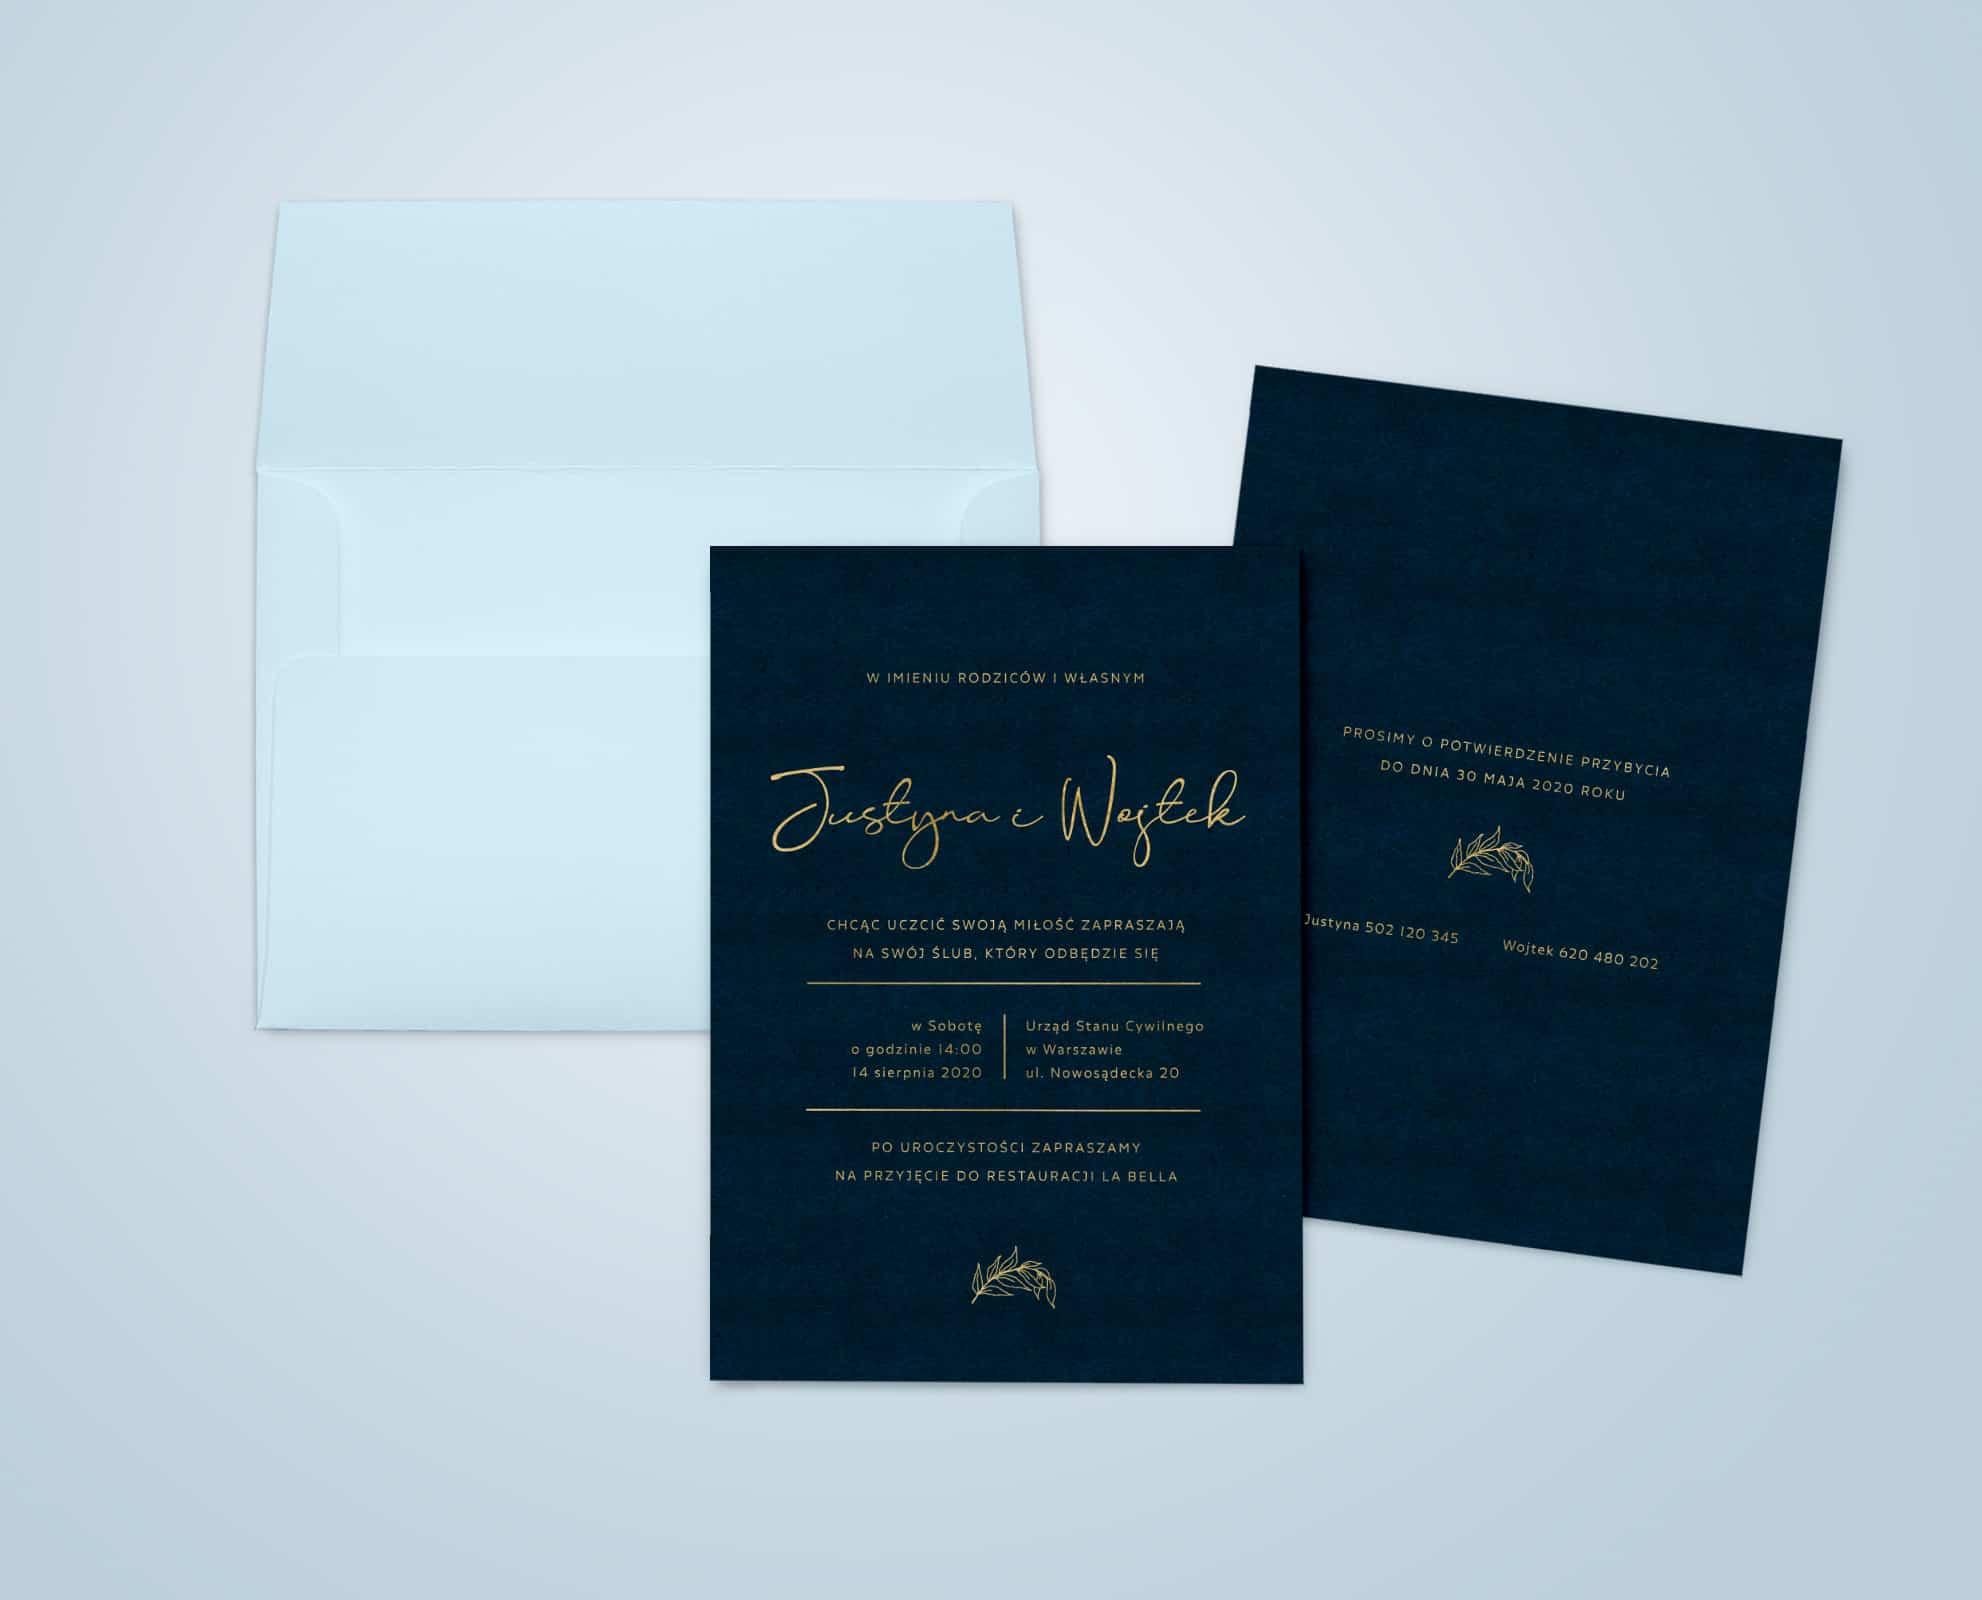 Zaproszenia ślubne granatowe ze złotym drukiem i niebieską kopertą